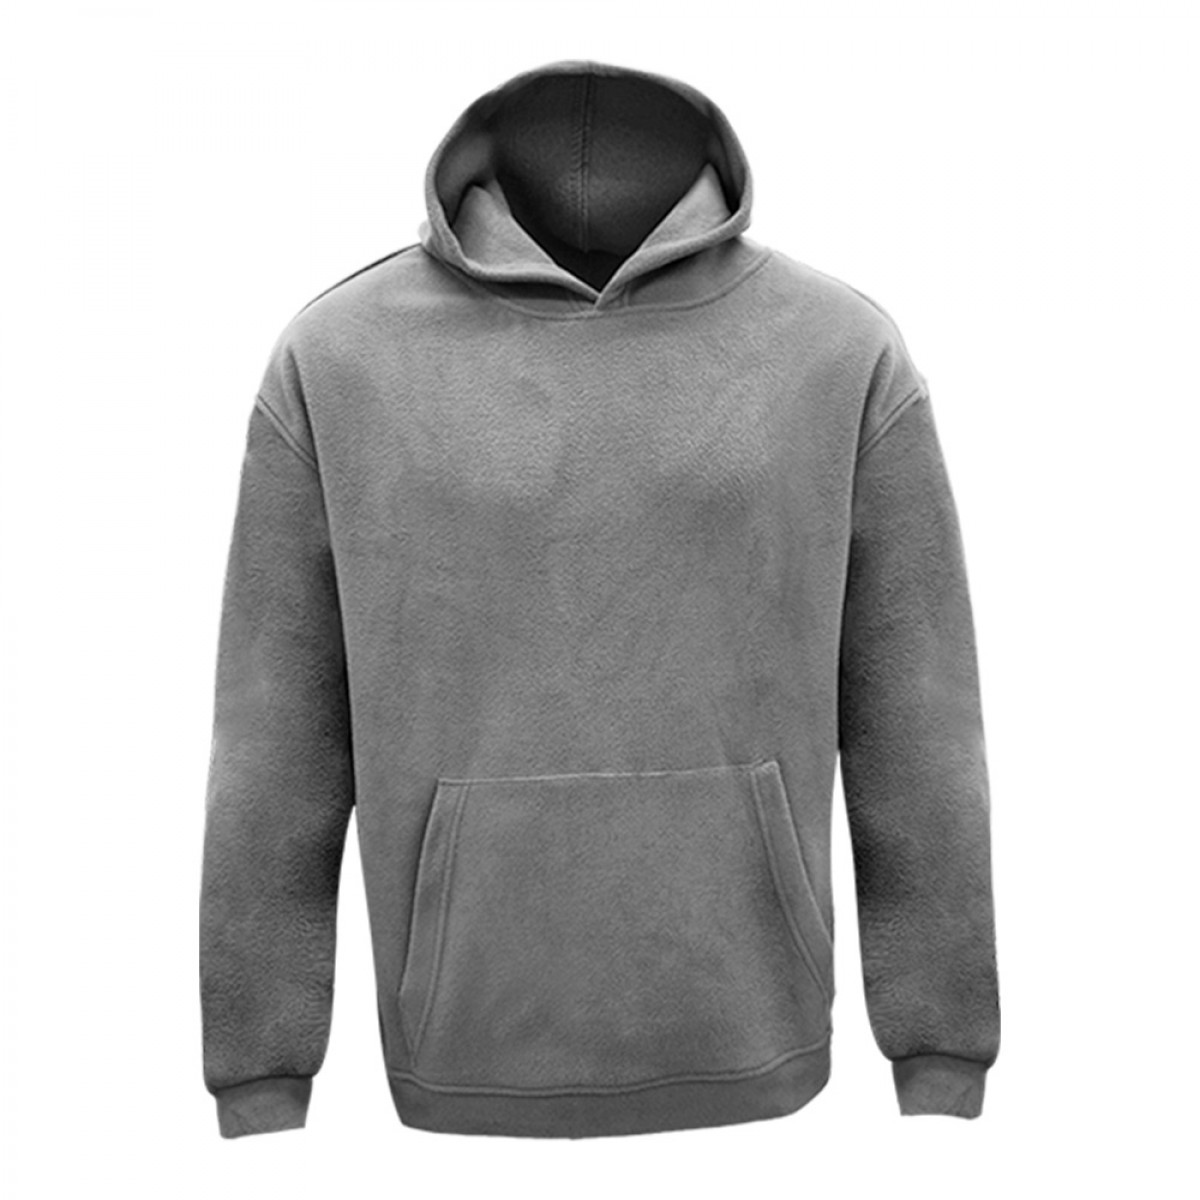 men-fleece-hoodie-jacket-kfh95714-10a